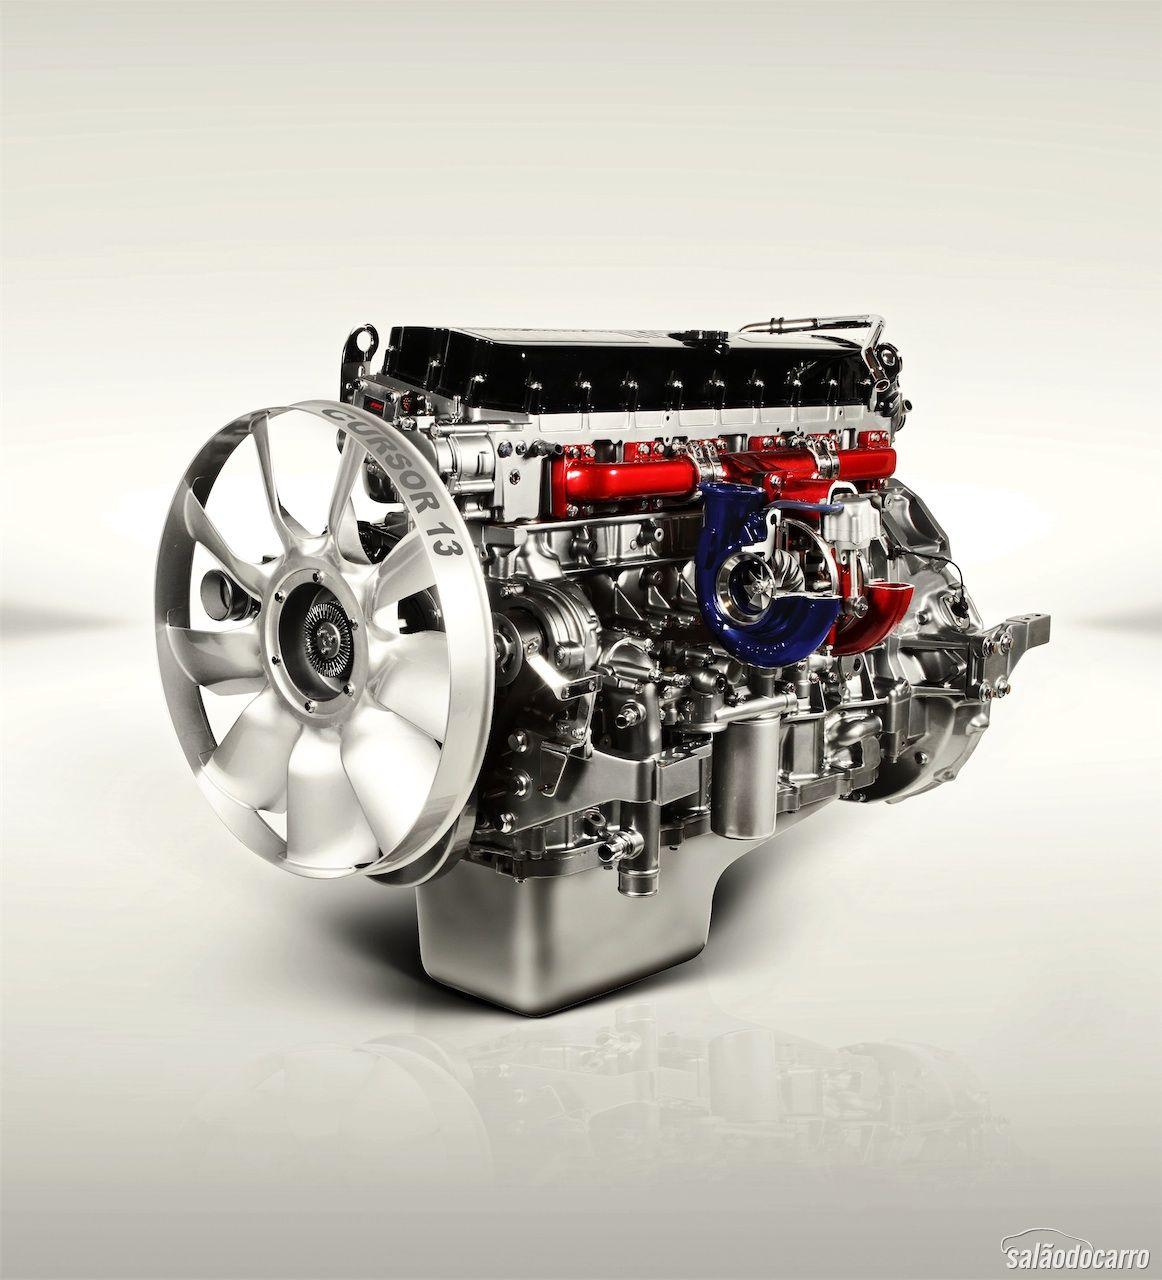 Motor FPT Cursor 13 - Iveco Stralis Hi-Way